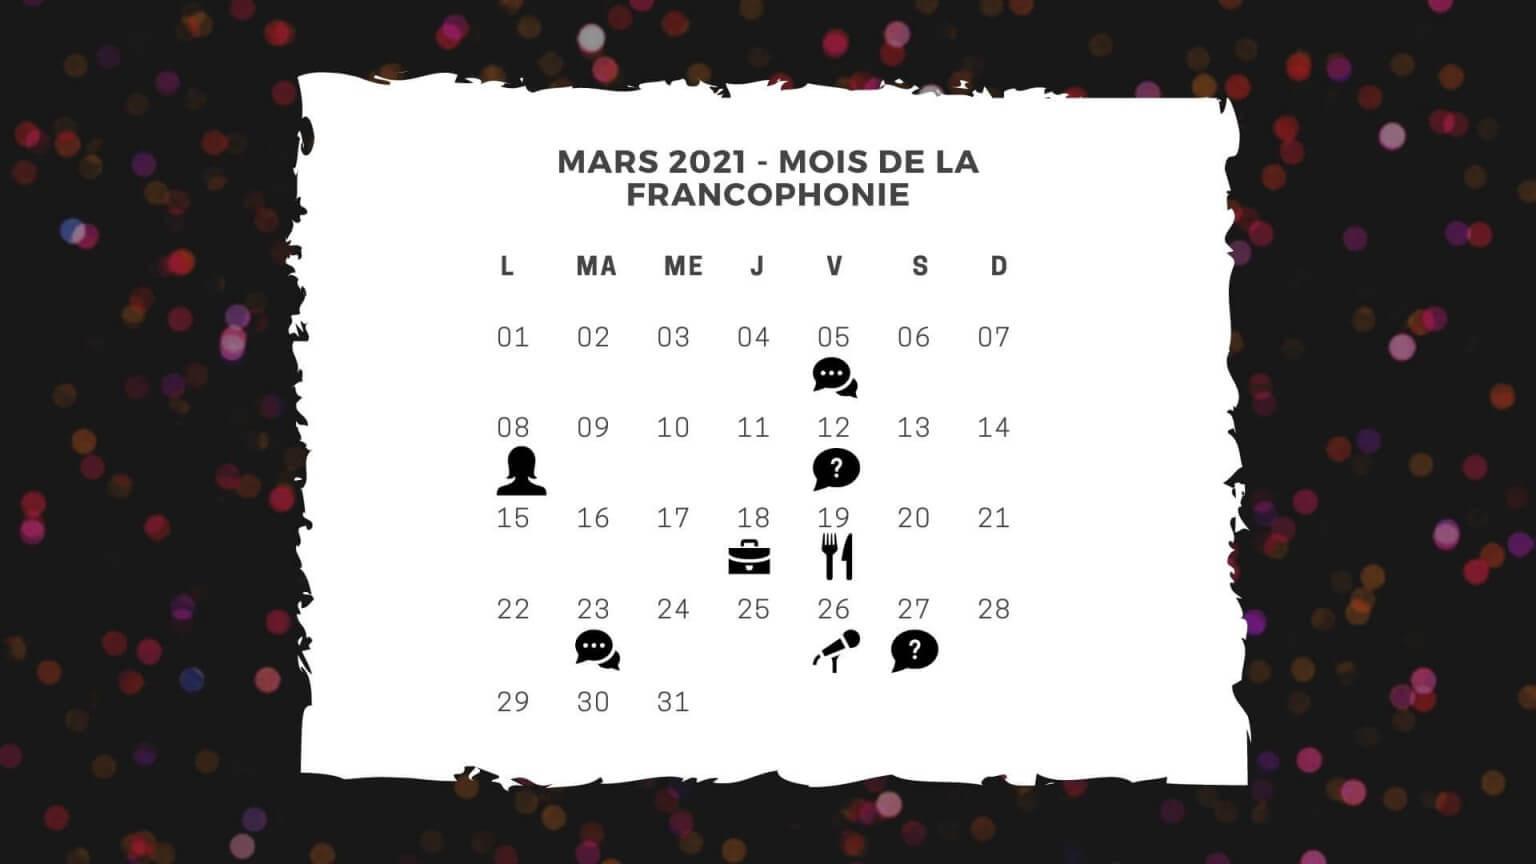 mars-2021-mois-de-la-francophonie_1536x864c